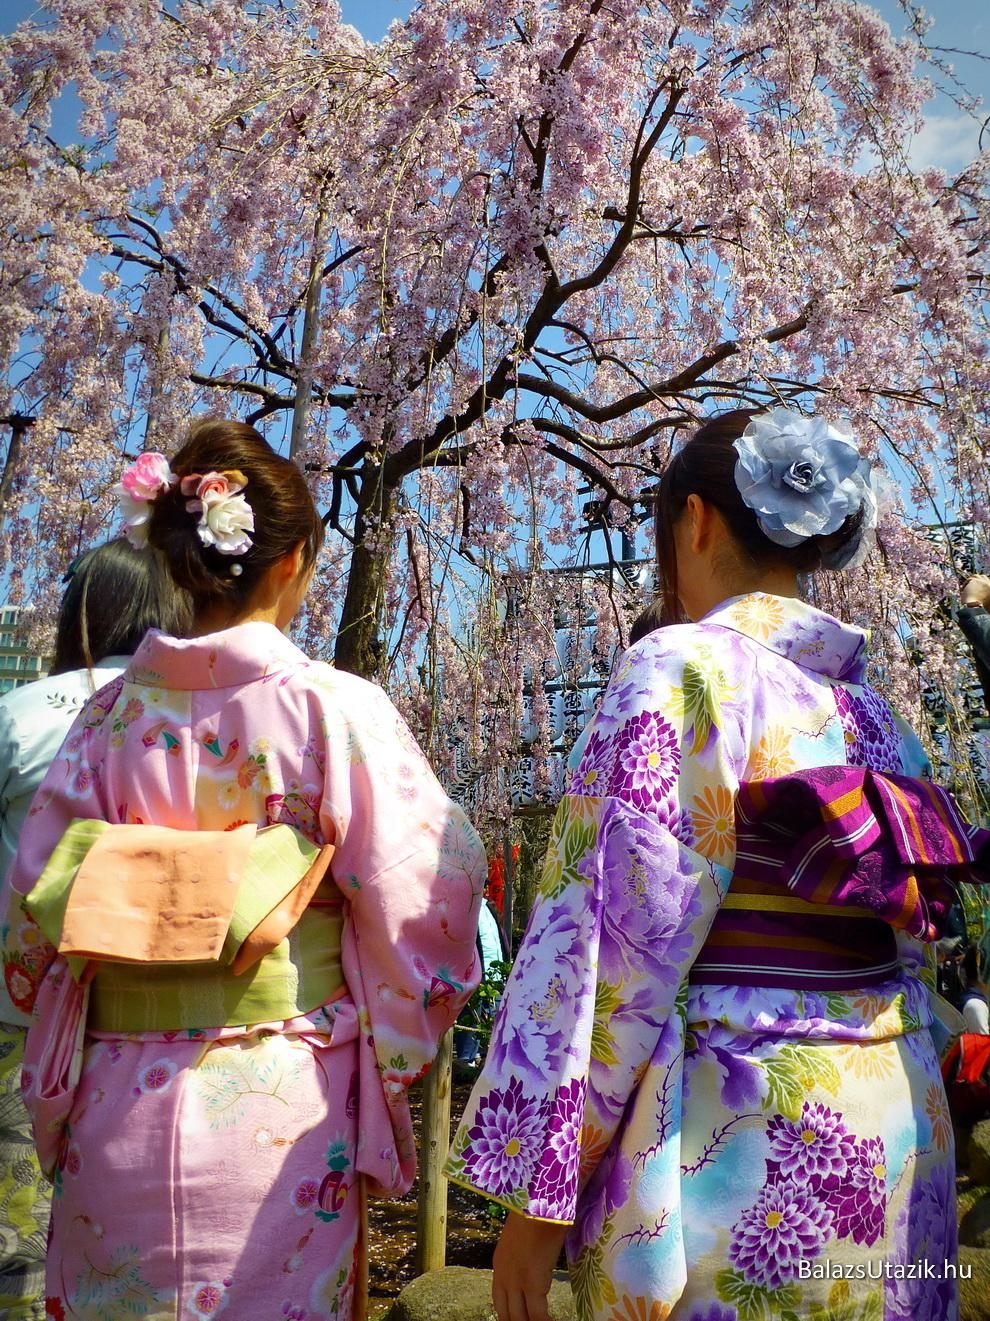 Klimaxon a tokiói cseresznyefák